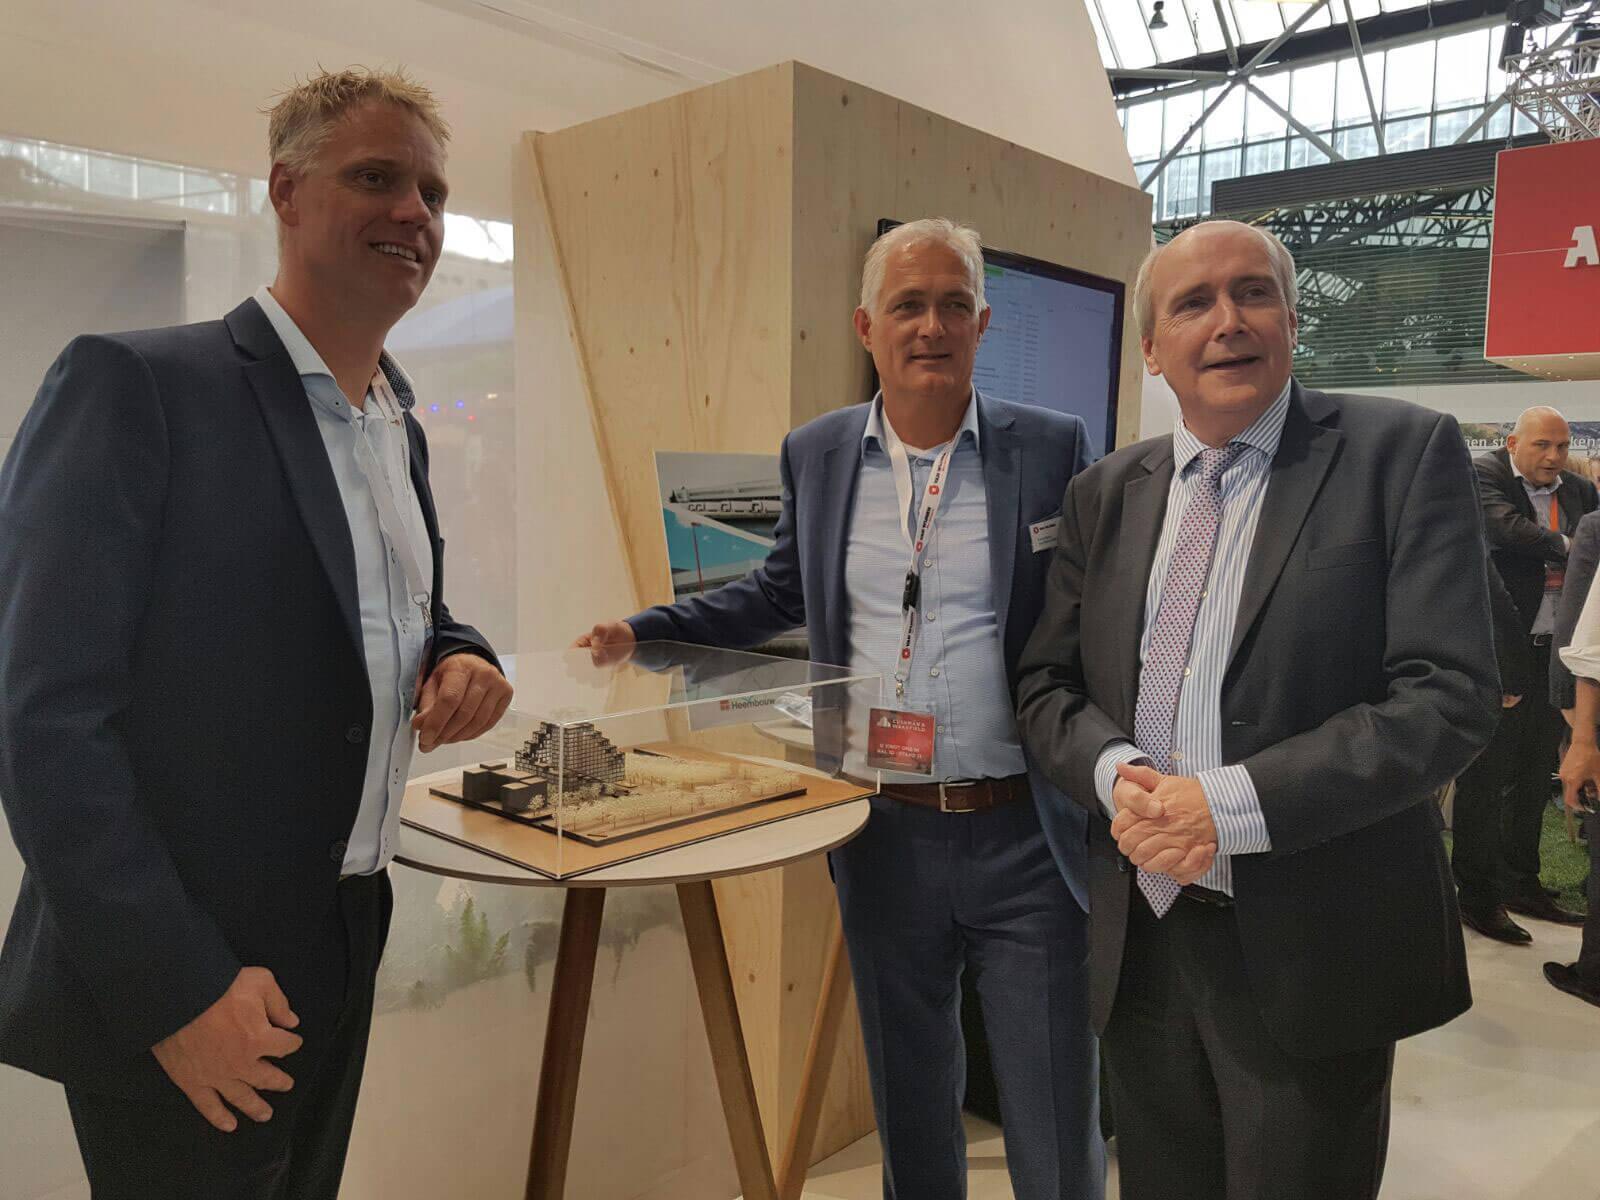 Felicitaties door wethouder Kees Geldof bij de maquette van het winnende plan aan Van Wijnen en IC Netherlands (v.l.n.r. Guido van der Veen/IC Netherlands, Frank Klomp/Van Wijnen en wethouder Kees Geldof/Gemeente Utrecht)